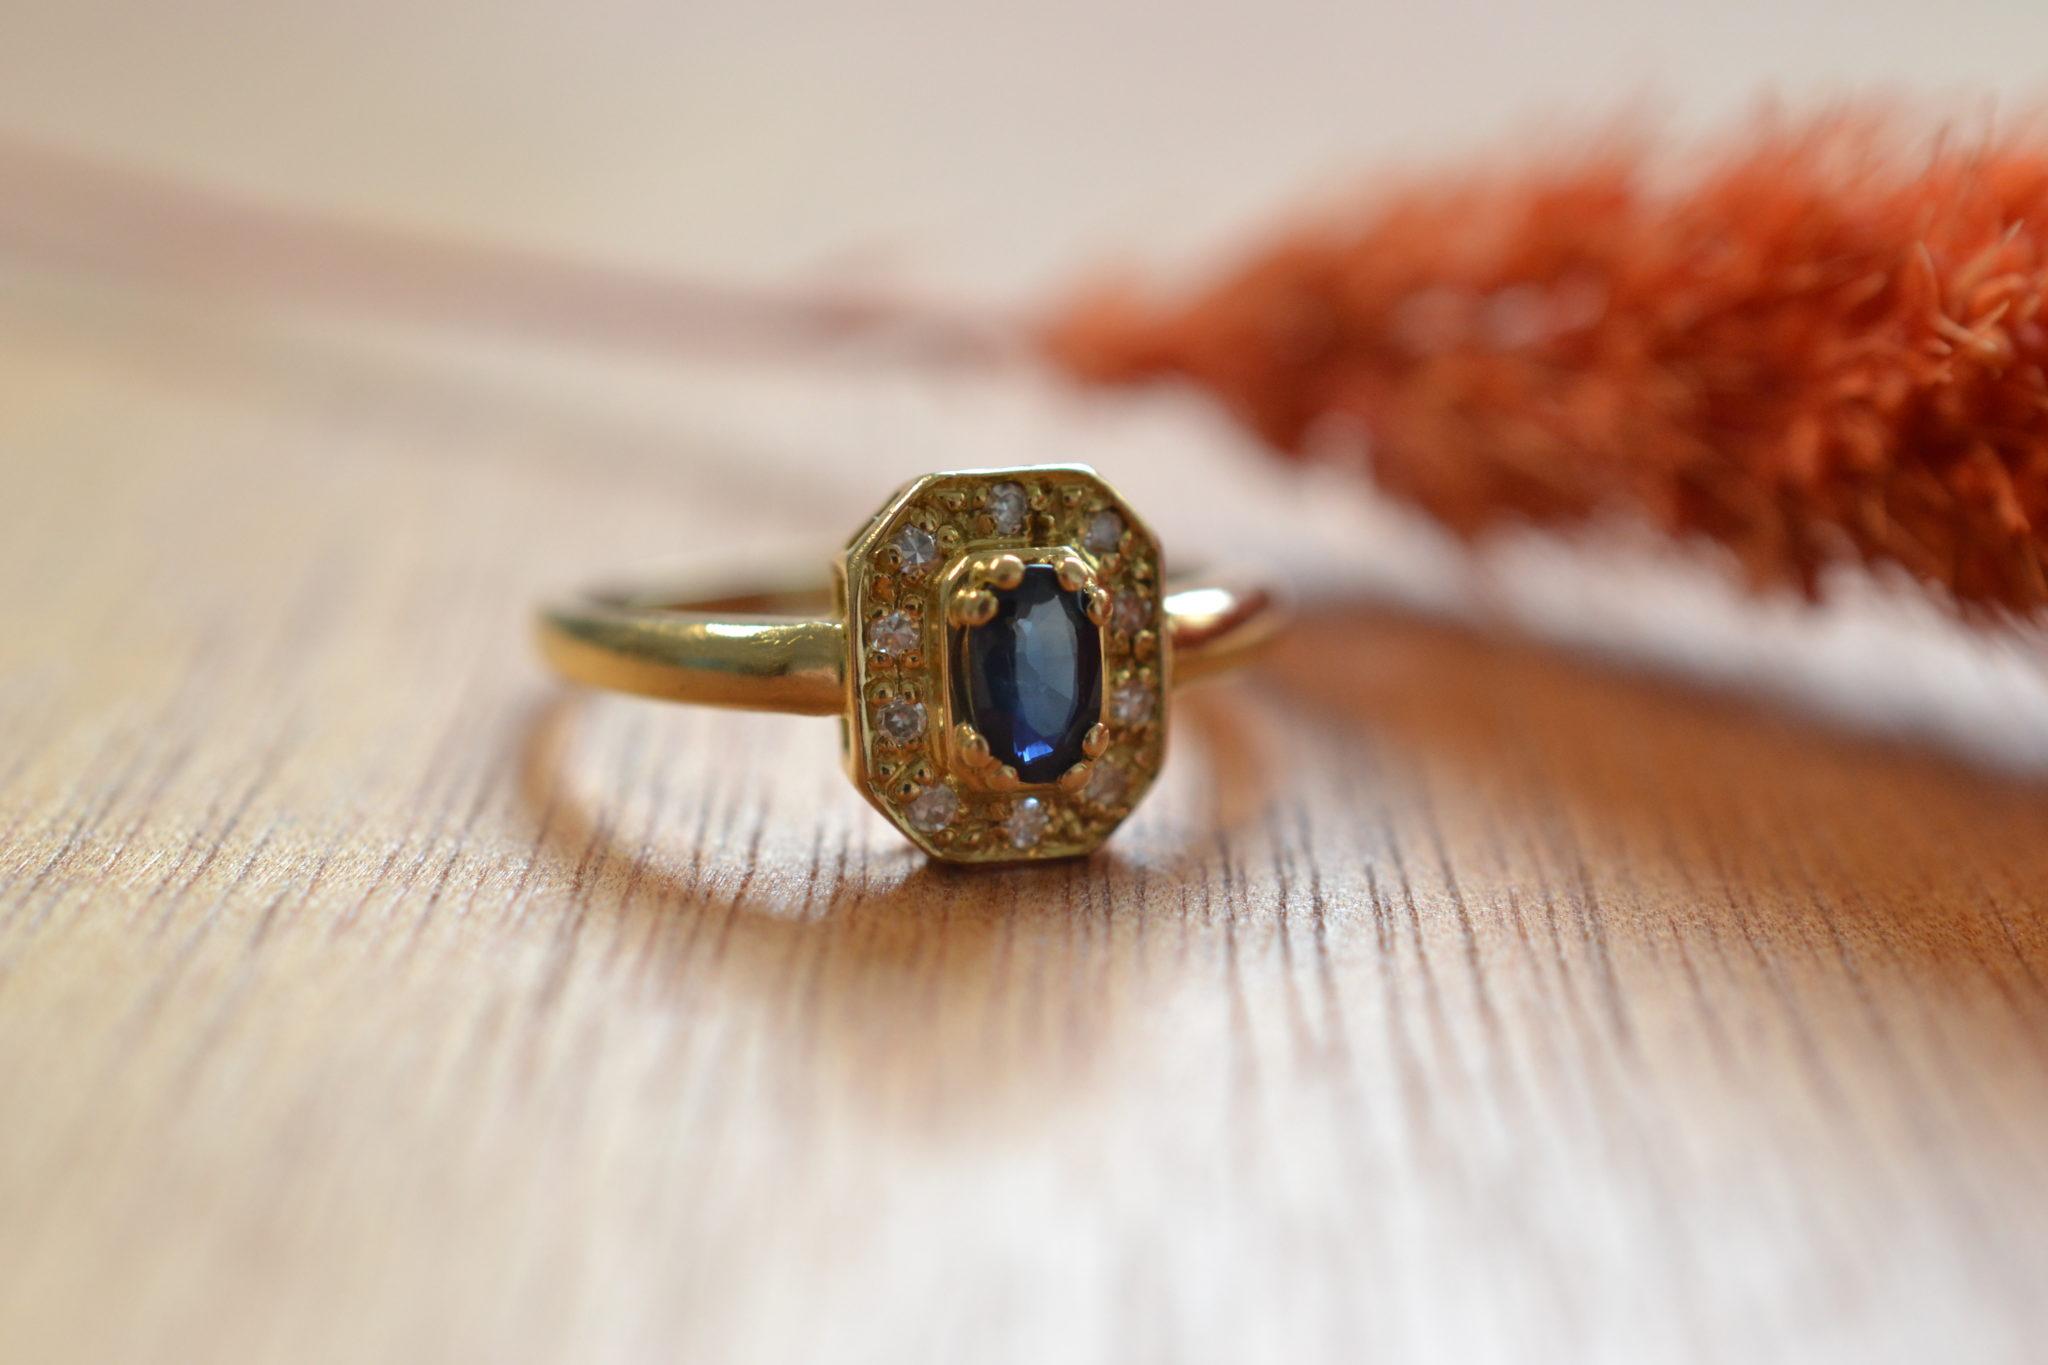 bague en Or massif hexagonale saphir et diamants bague vintage pour mariage durable